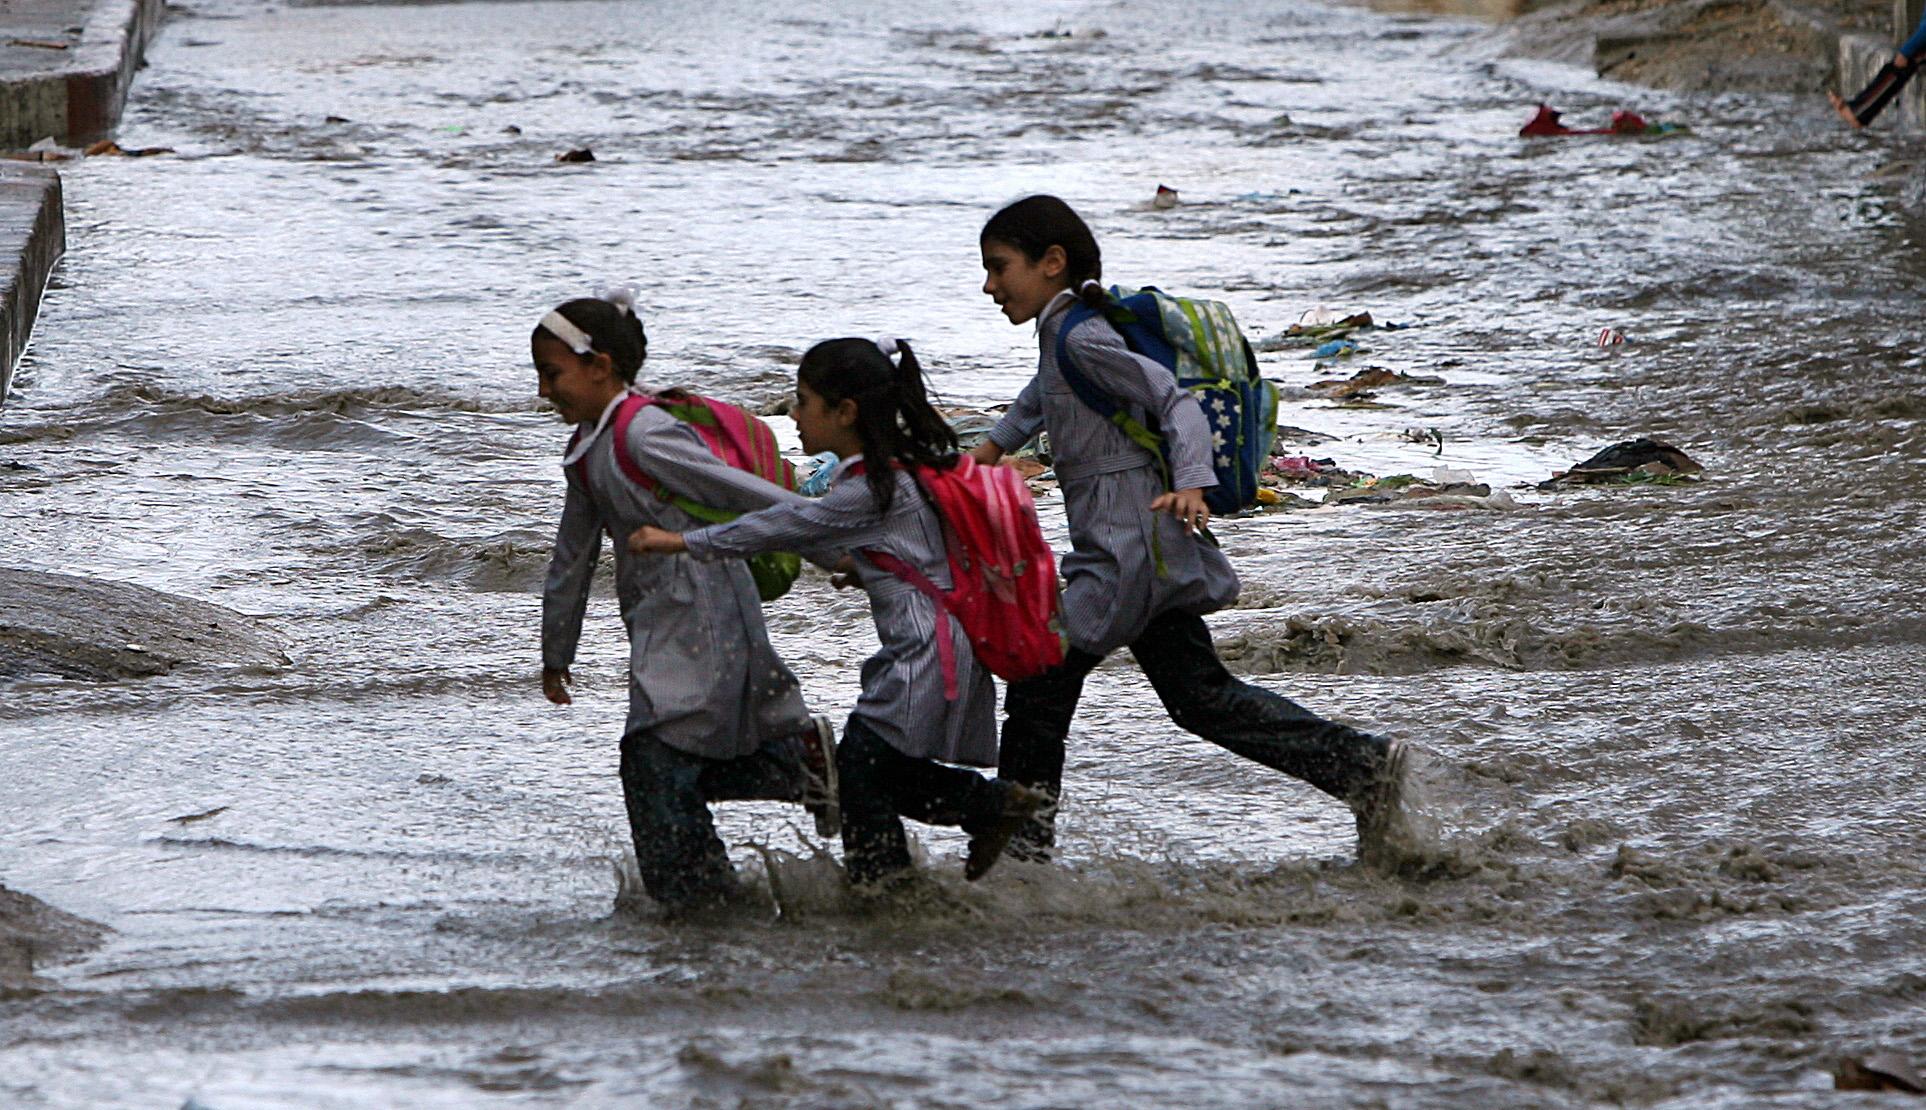 أطفال من غزة في طريقهم إلى المدرسة وسط ظروف قاسية